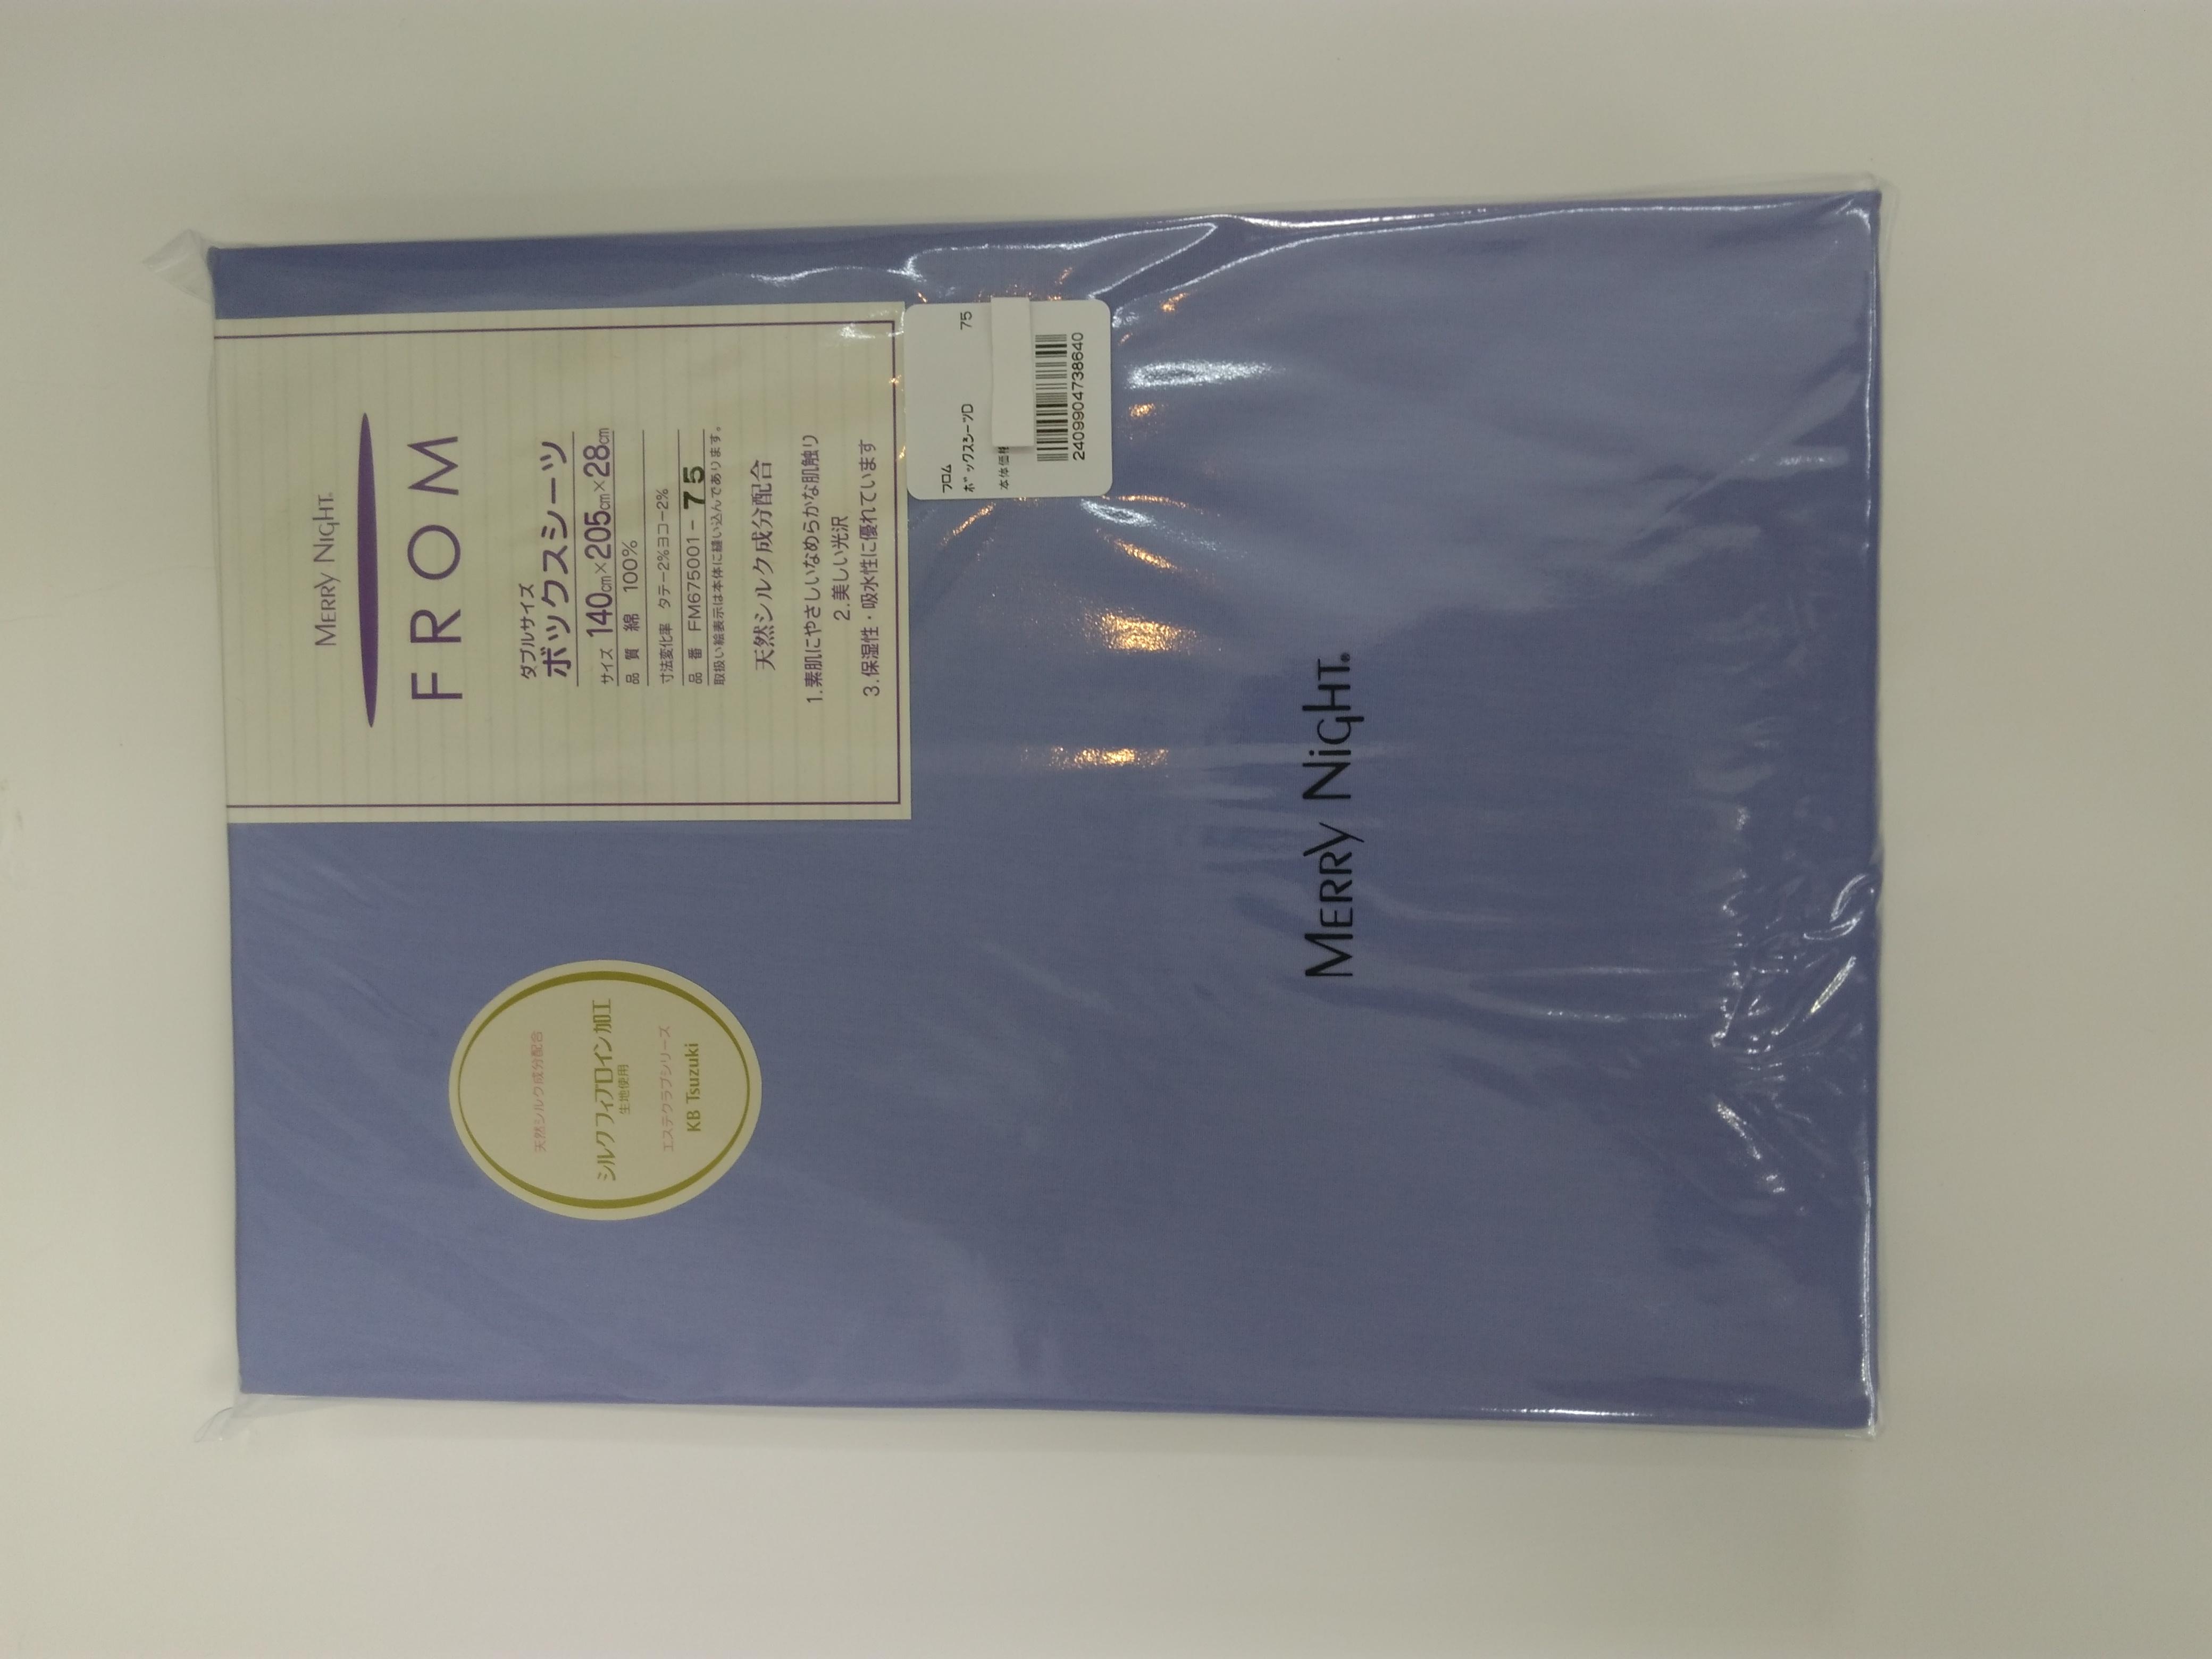 メリーナイト FROM フロムコレクション ボックスシーツ ダブルサイズ 140X205X28cm ラベンダーサックス